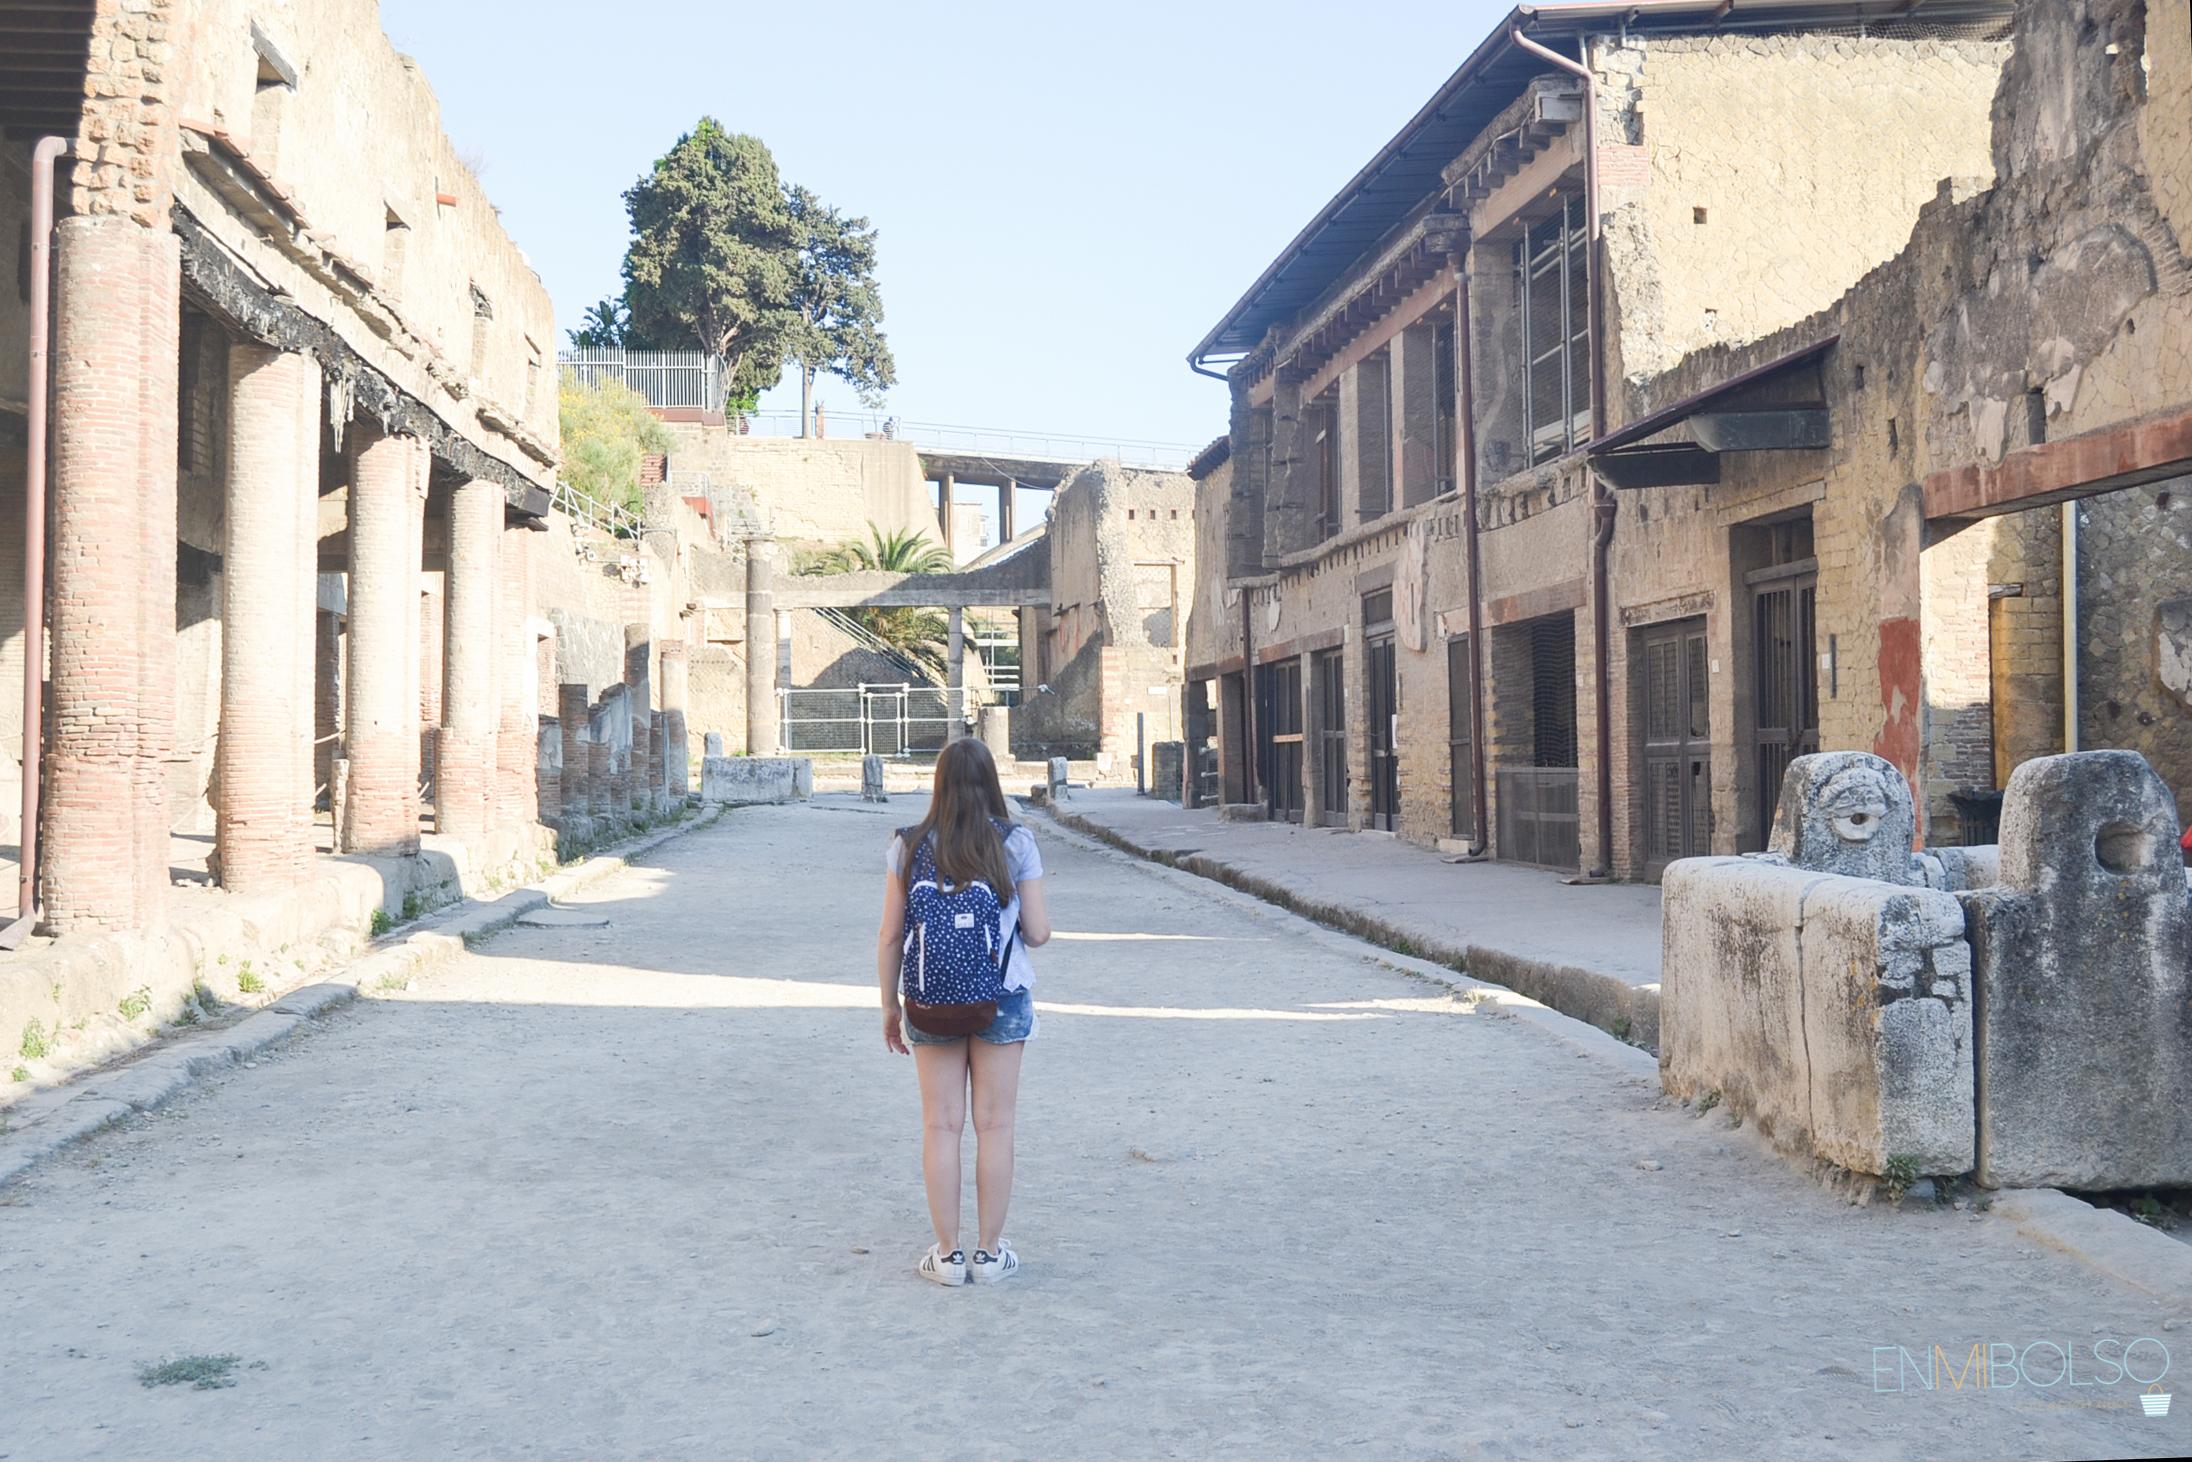 Herculano calles-enmibolso